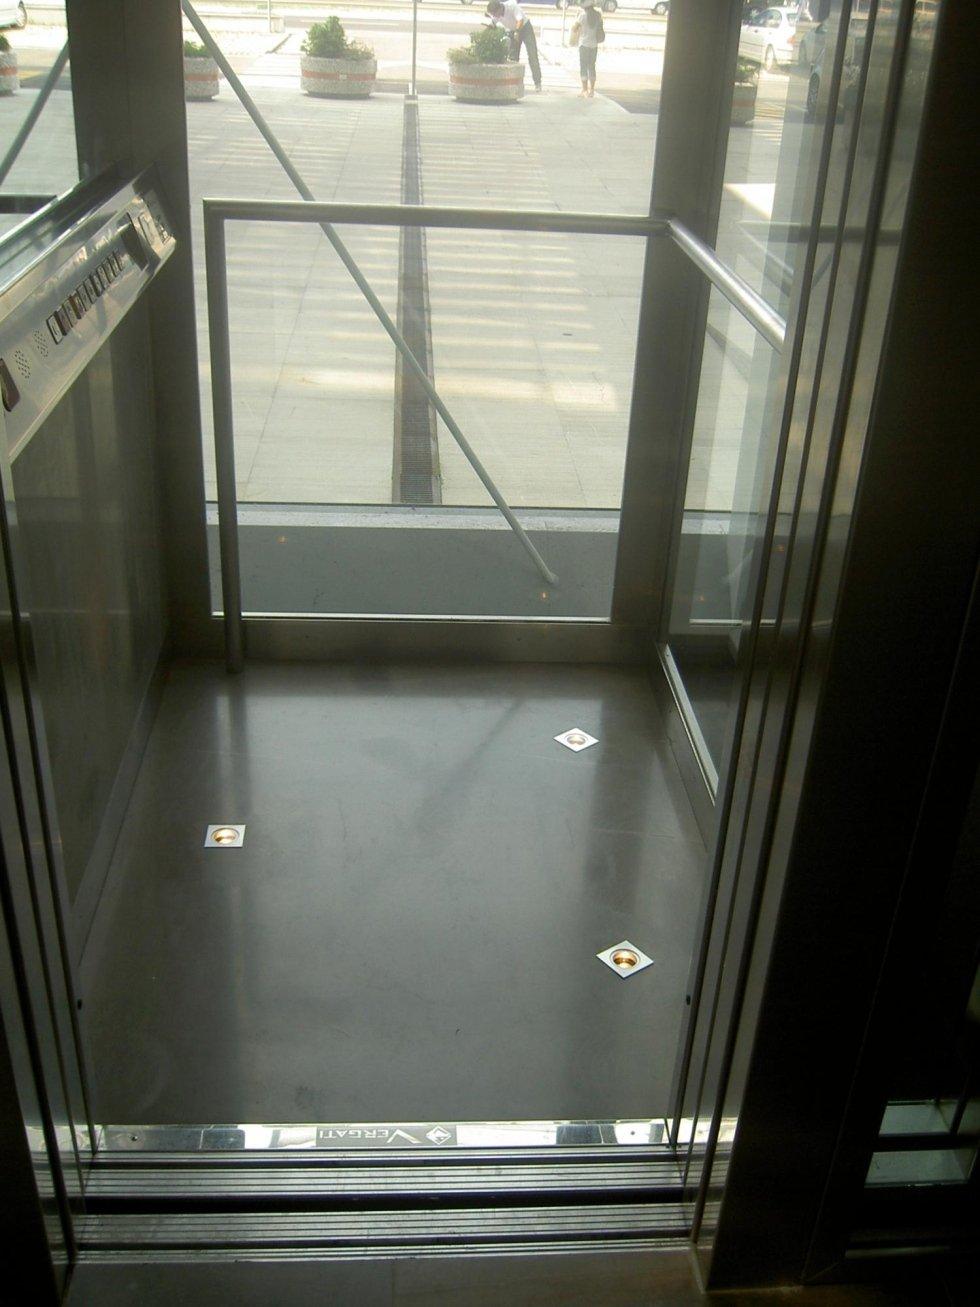 ascensore con porte aperte